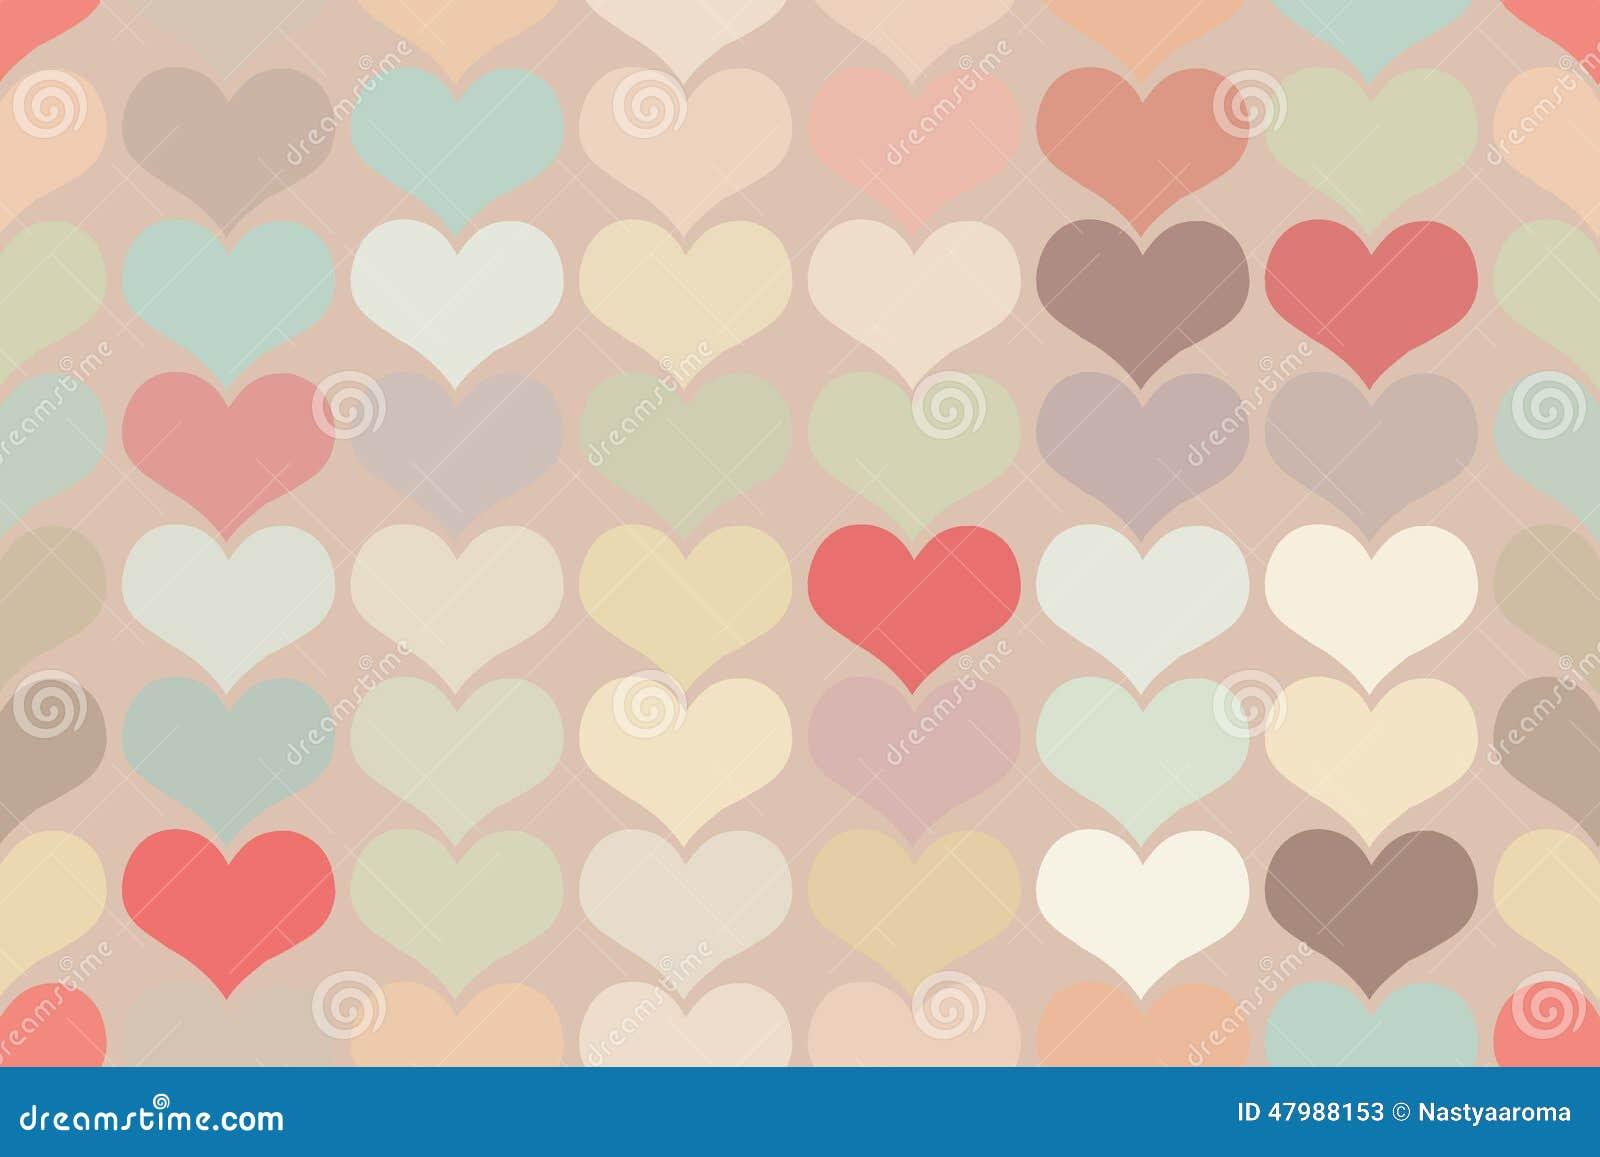 Vintage Heart Background Seamless Vintag...